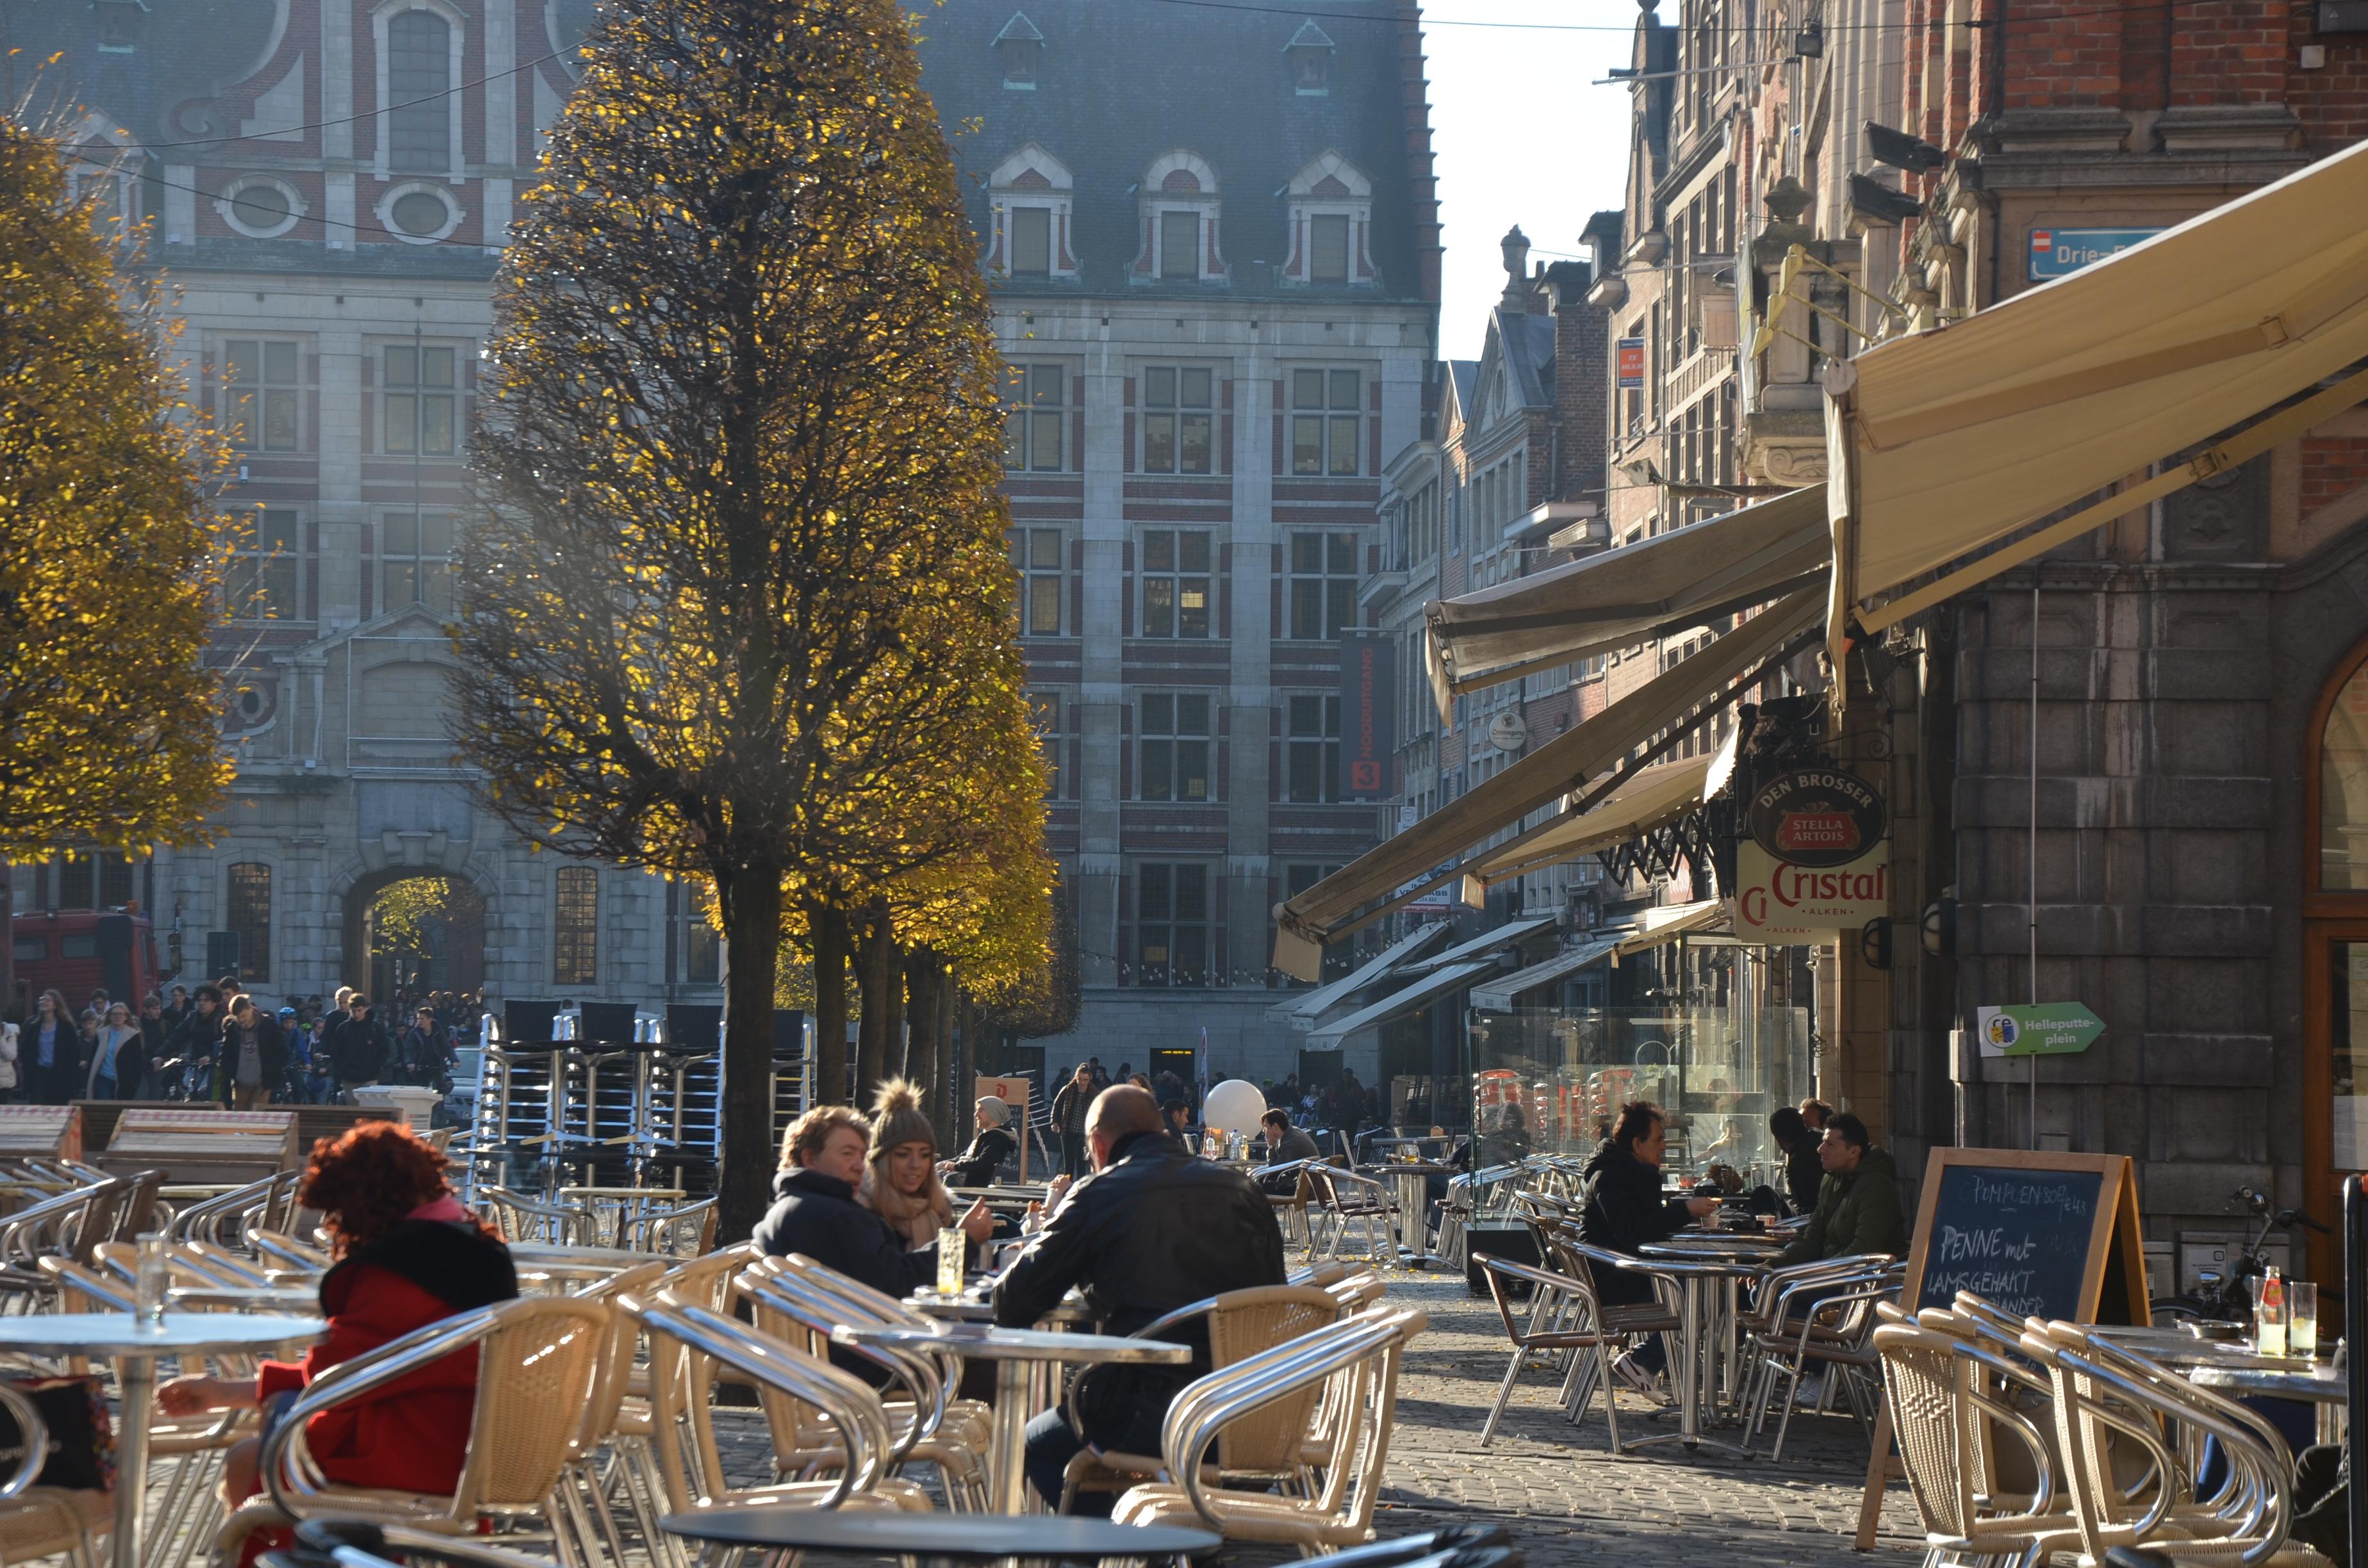 Leuveninsideout - Oude markt met zijn terrasjes in de winterzon